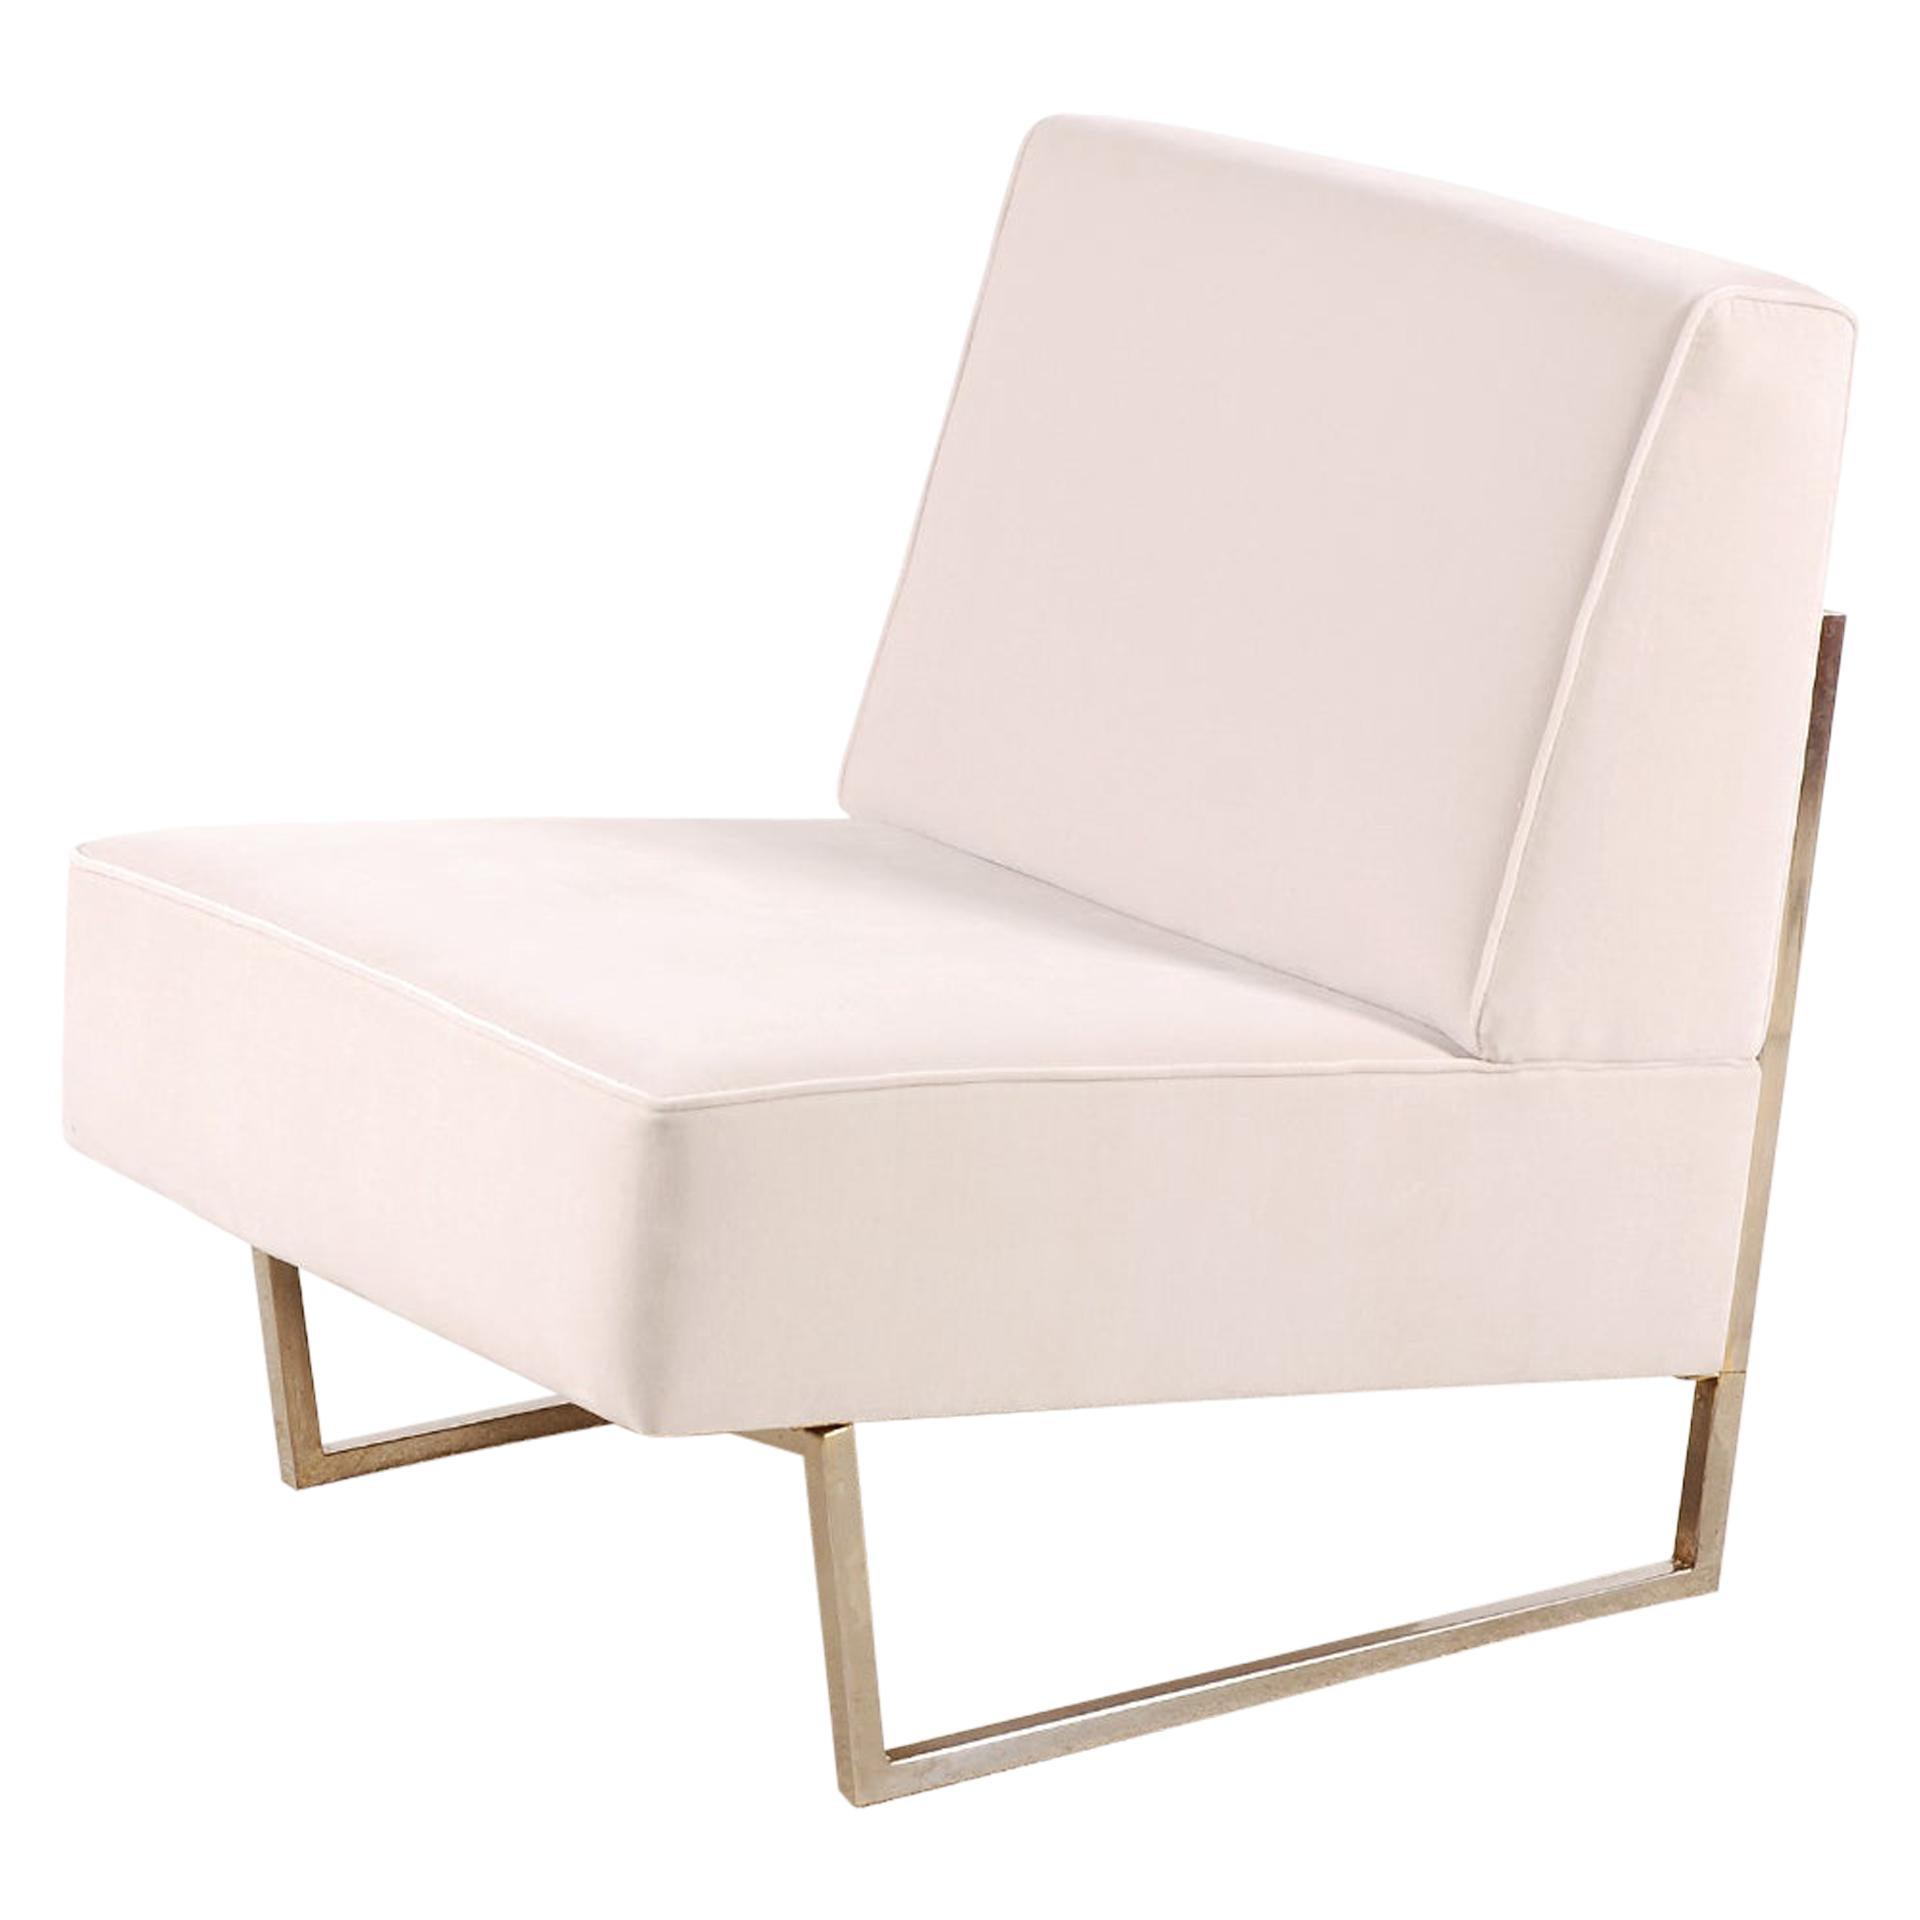 """Pierre Guariche """"Courchevel"""" Lounge Chair for Sièges Témoins, 1959"""